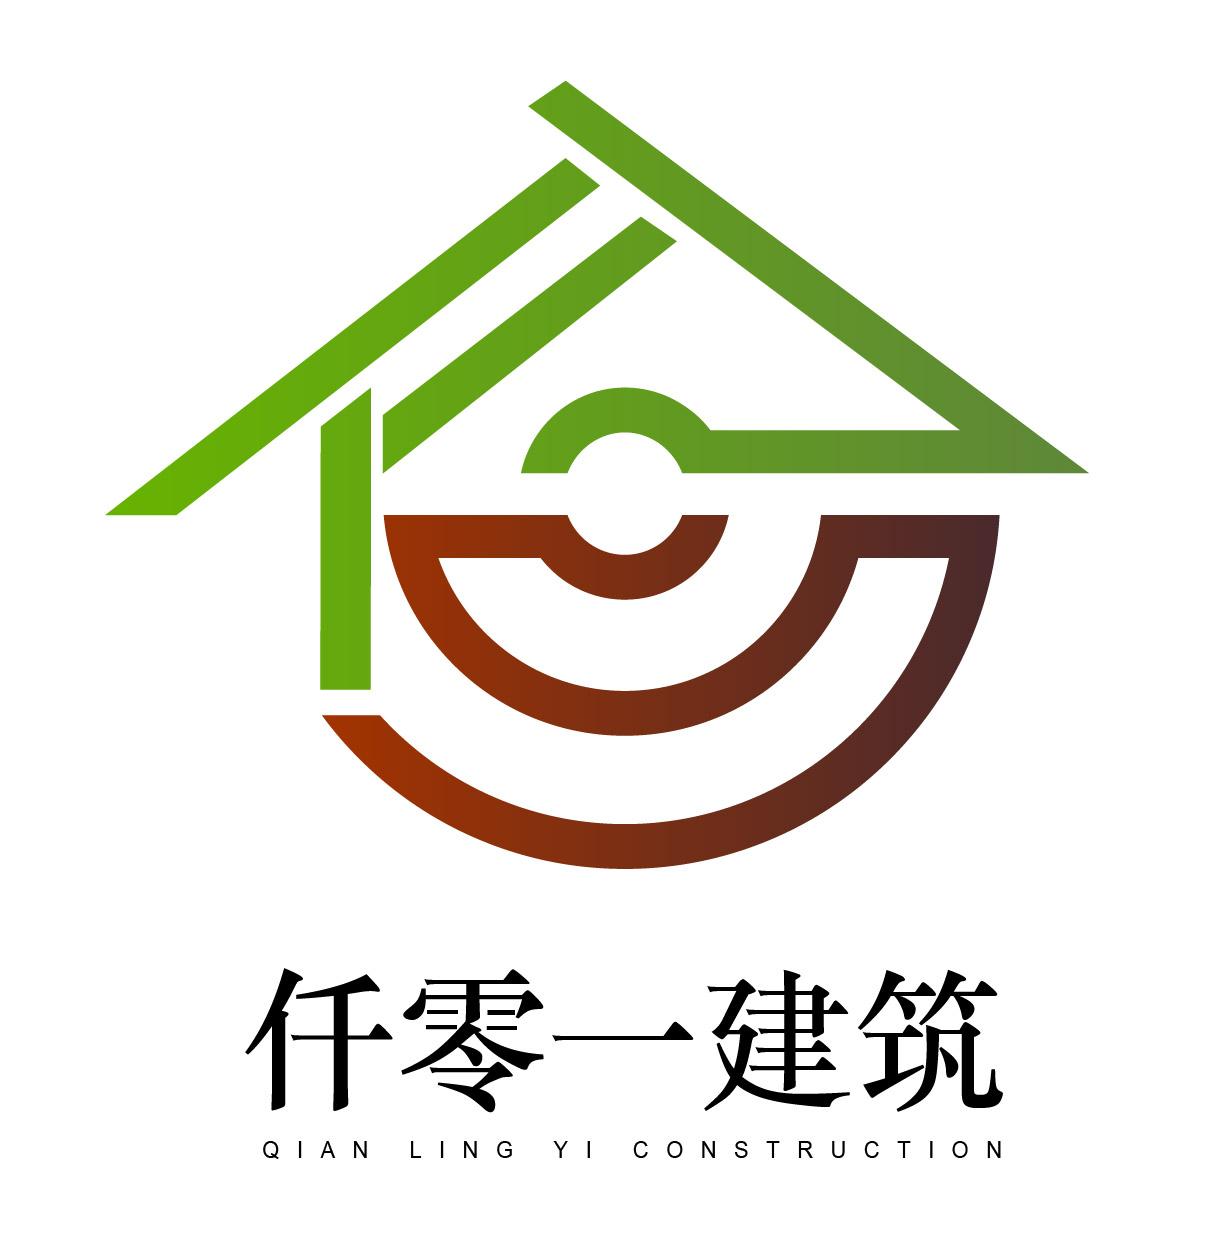 四川仟零一建筑工程有限公司